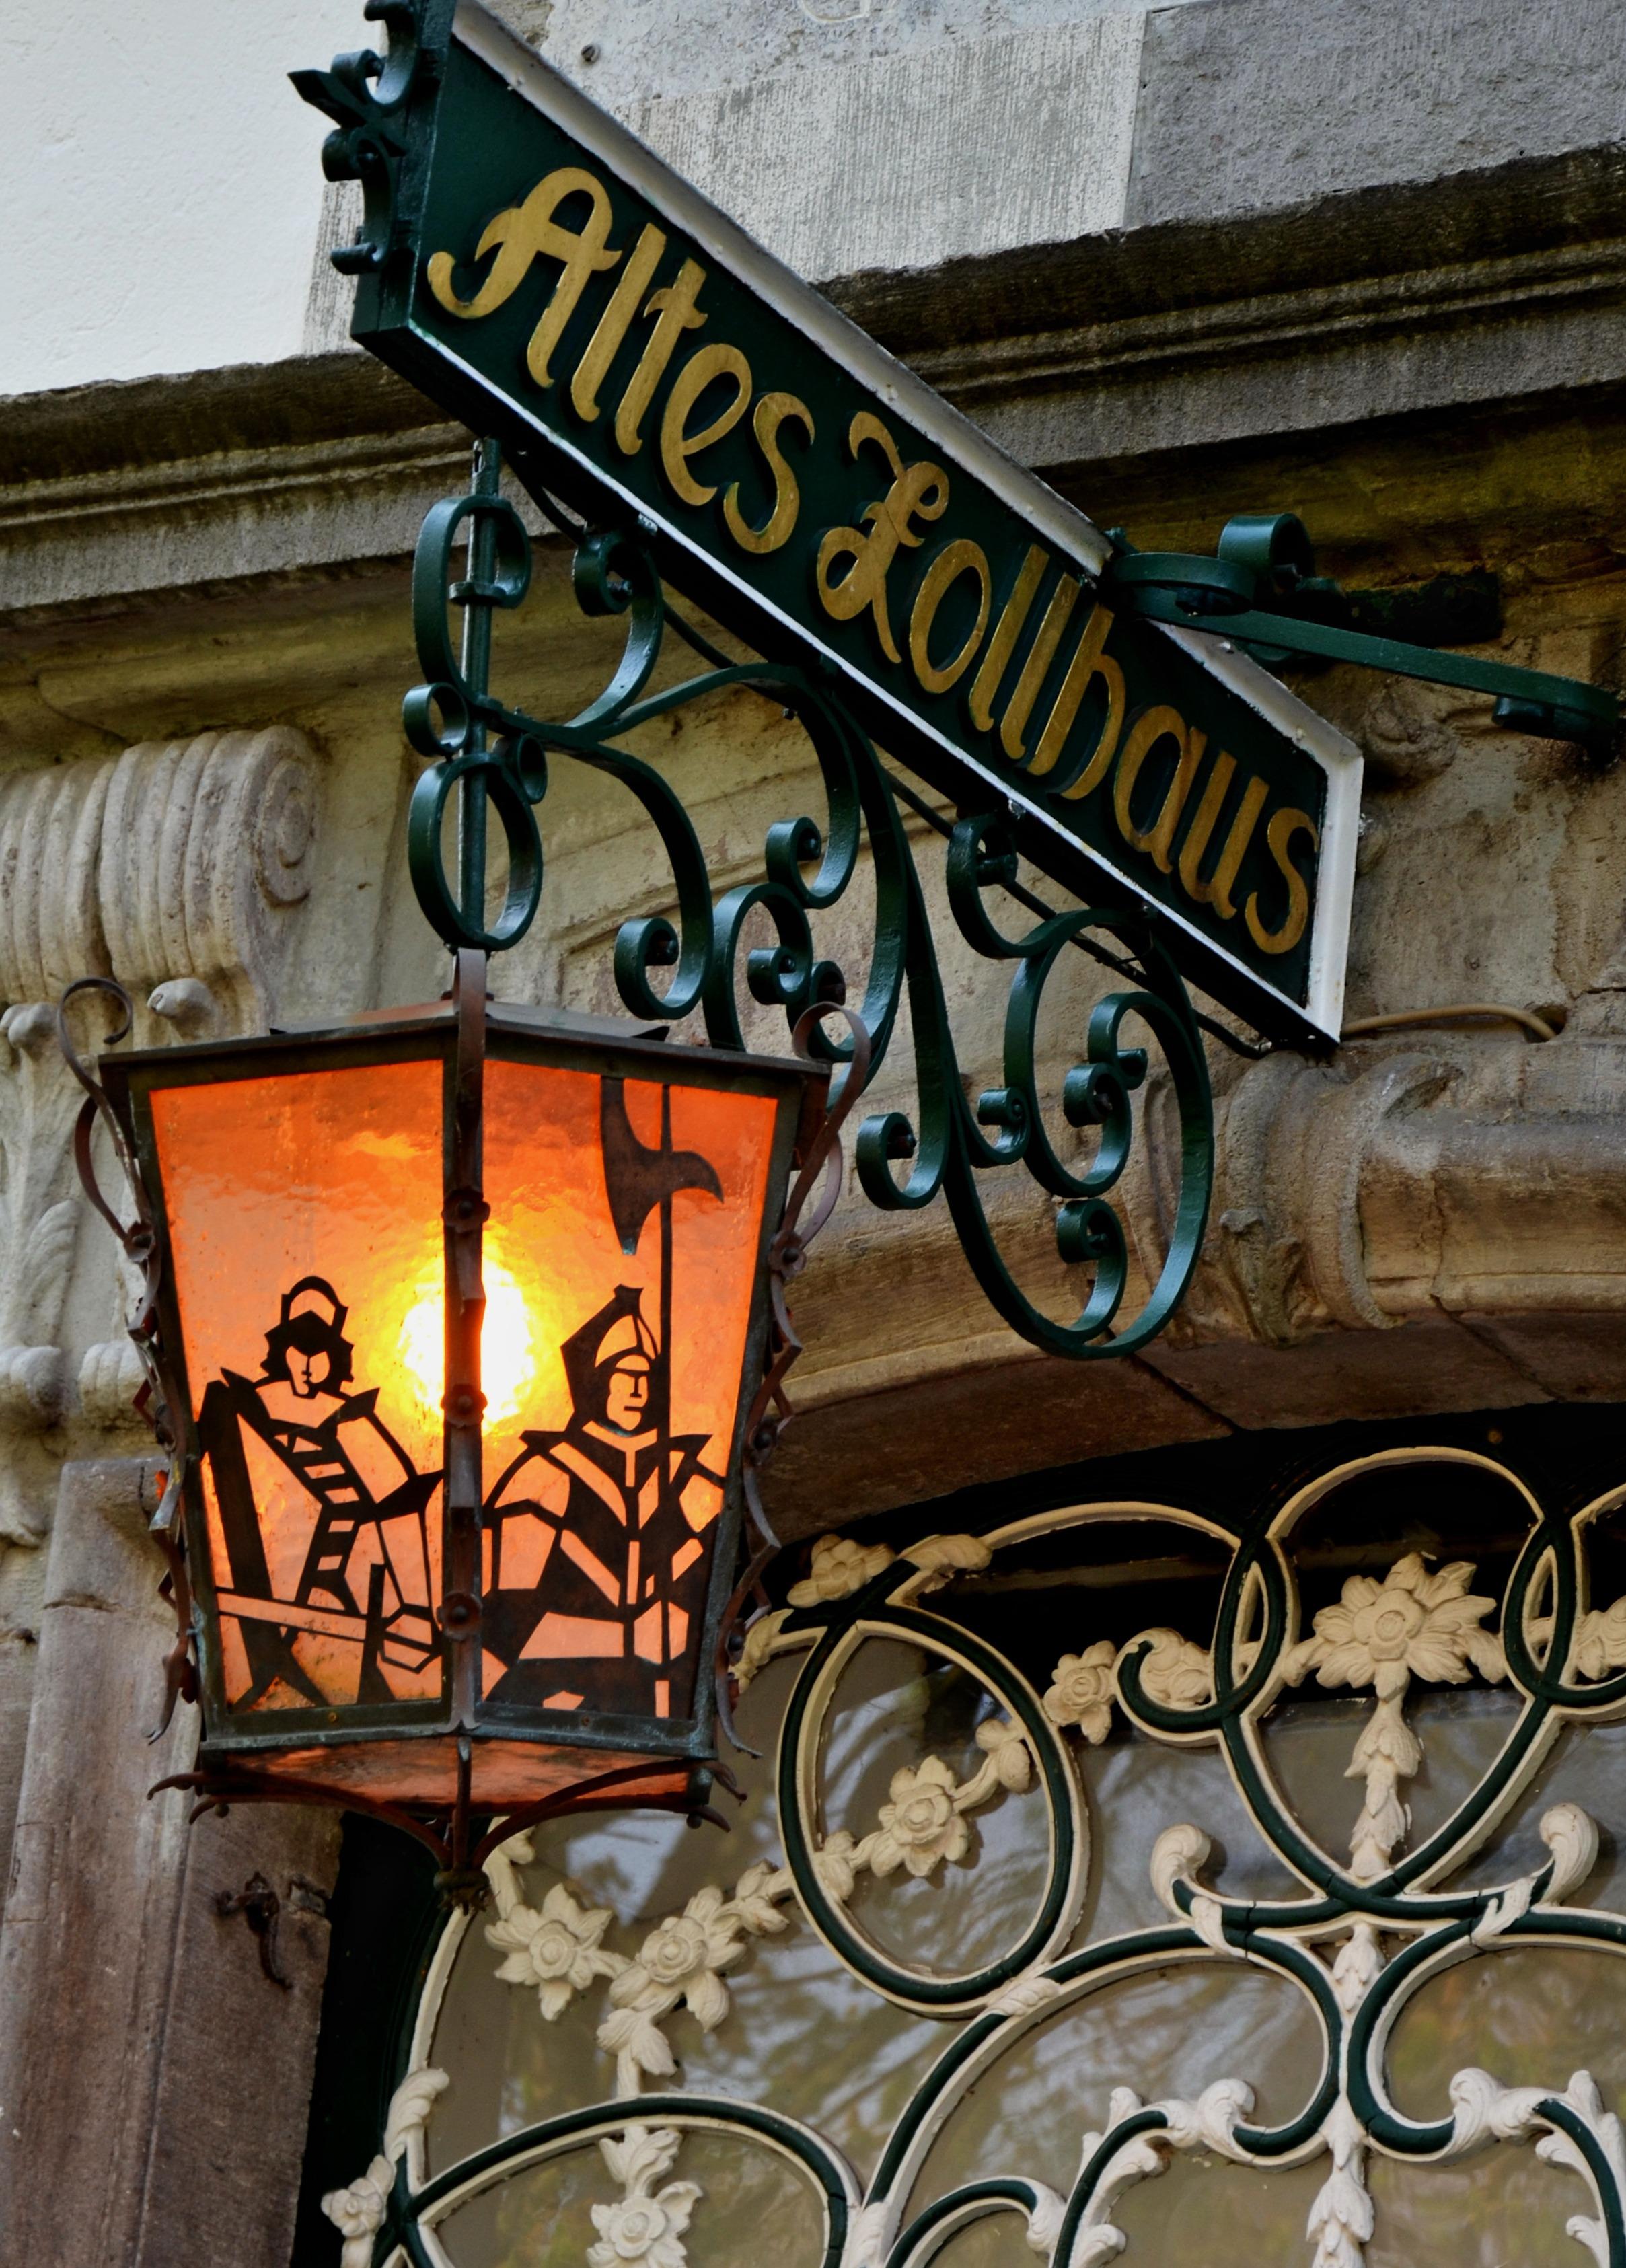 Gratis Afbeeldingen : licht, venster, teken, lantaarn, lamp ...